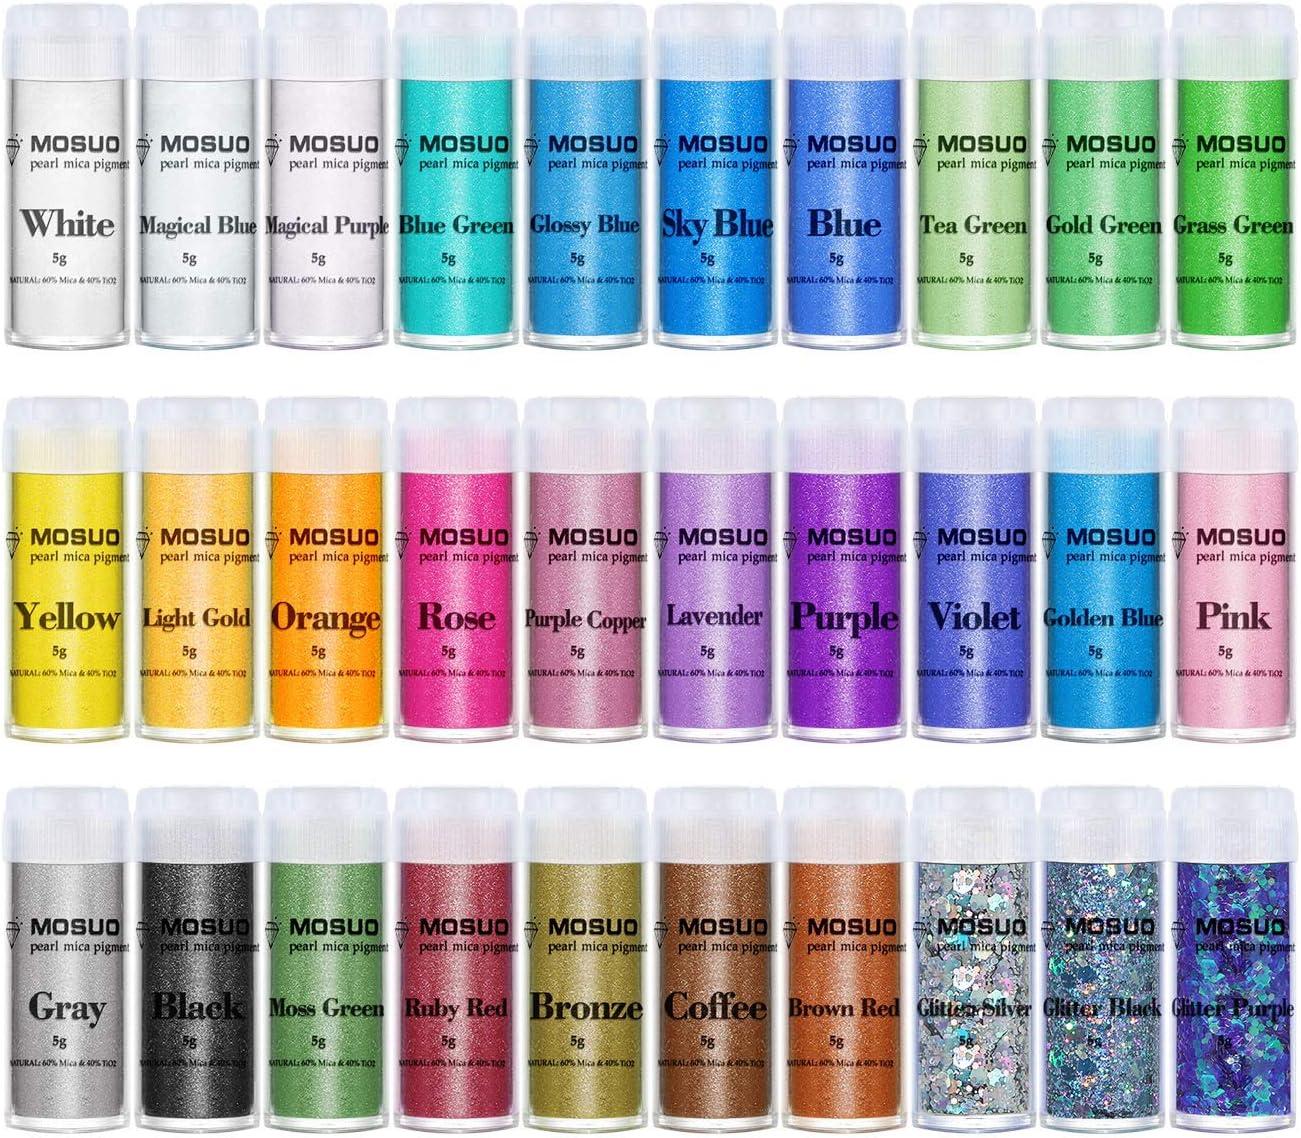 MOSUO Pigmentos en Polvo, 5g*30 Colores Natural Mica Tintes para teñir Resina Epoxi, Jabones, Slime, Cera, Pintura, Vela, Uñas, Cosmético y Arte de ...